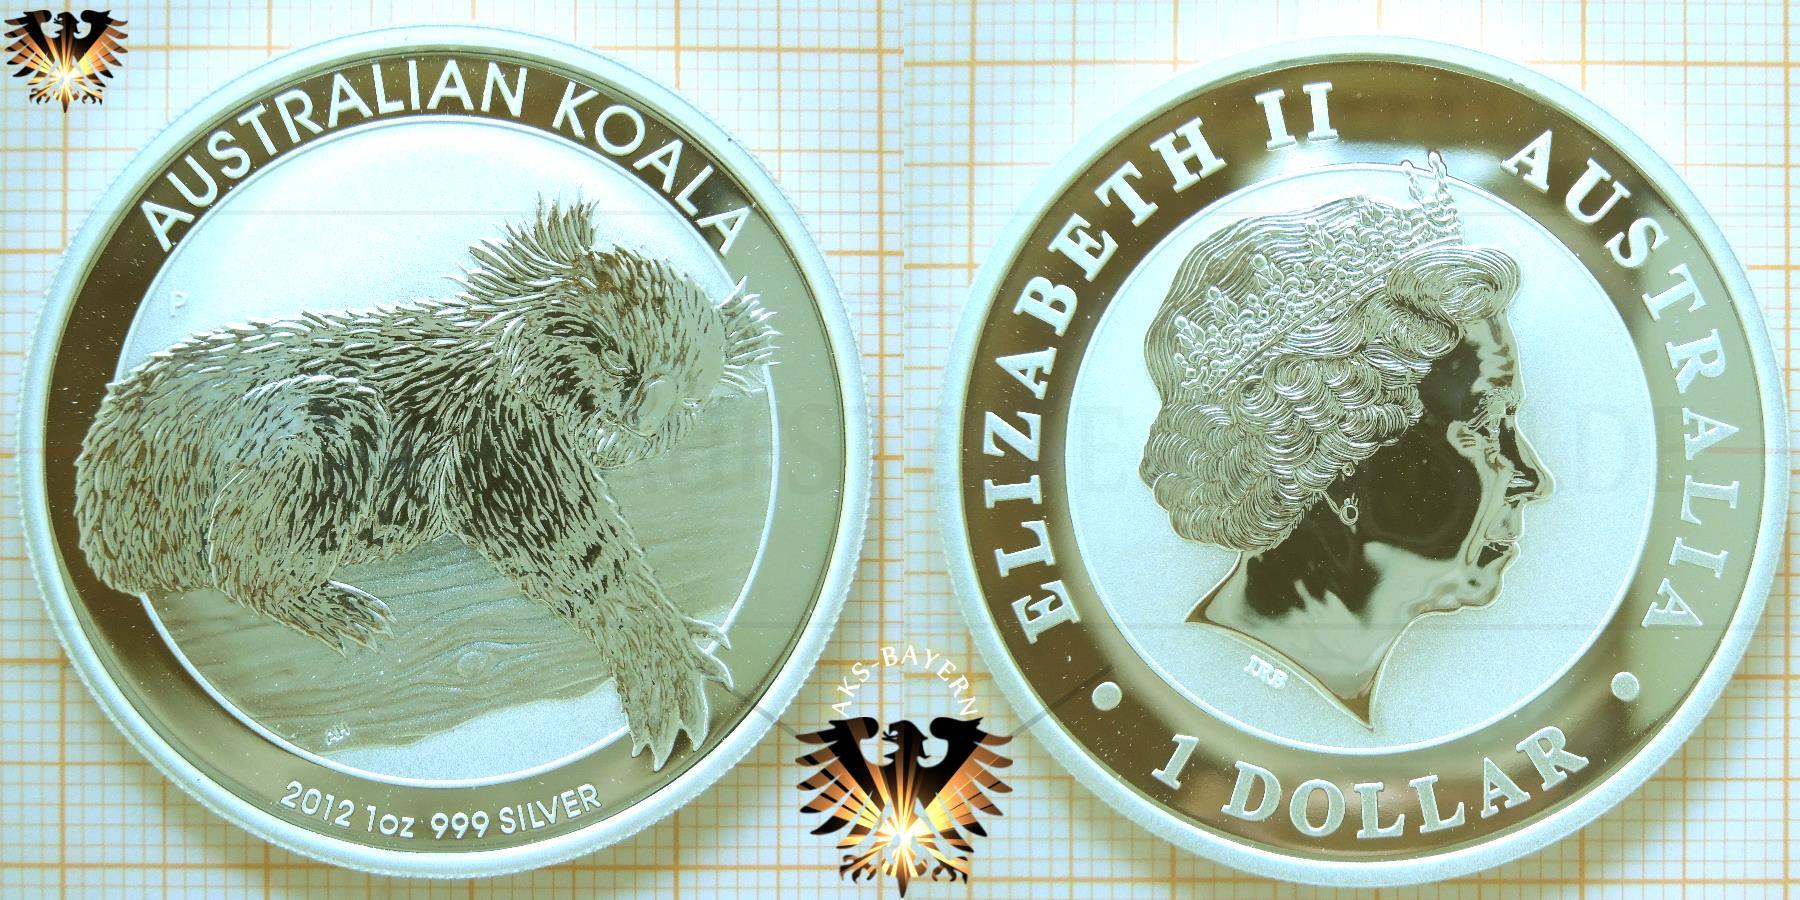 1 Dollar, Australien Koala, 2012, 1 oz Silbermünze, Ankauf - Sammeln - Verkauf © goldankaufstelle-bayern.de